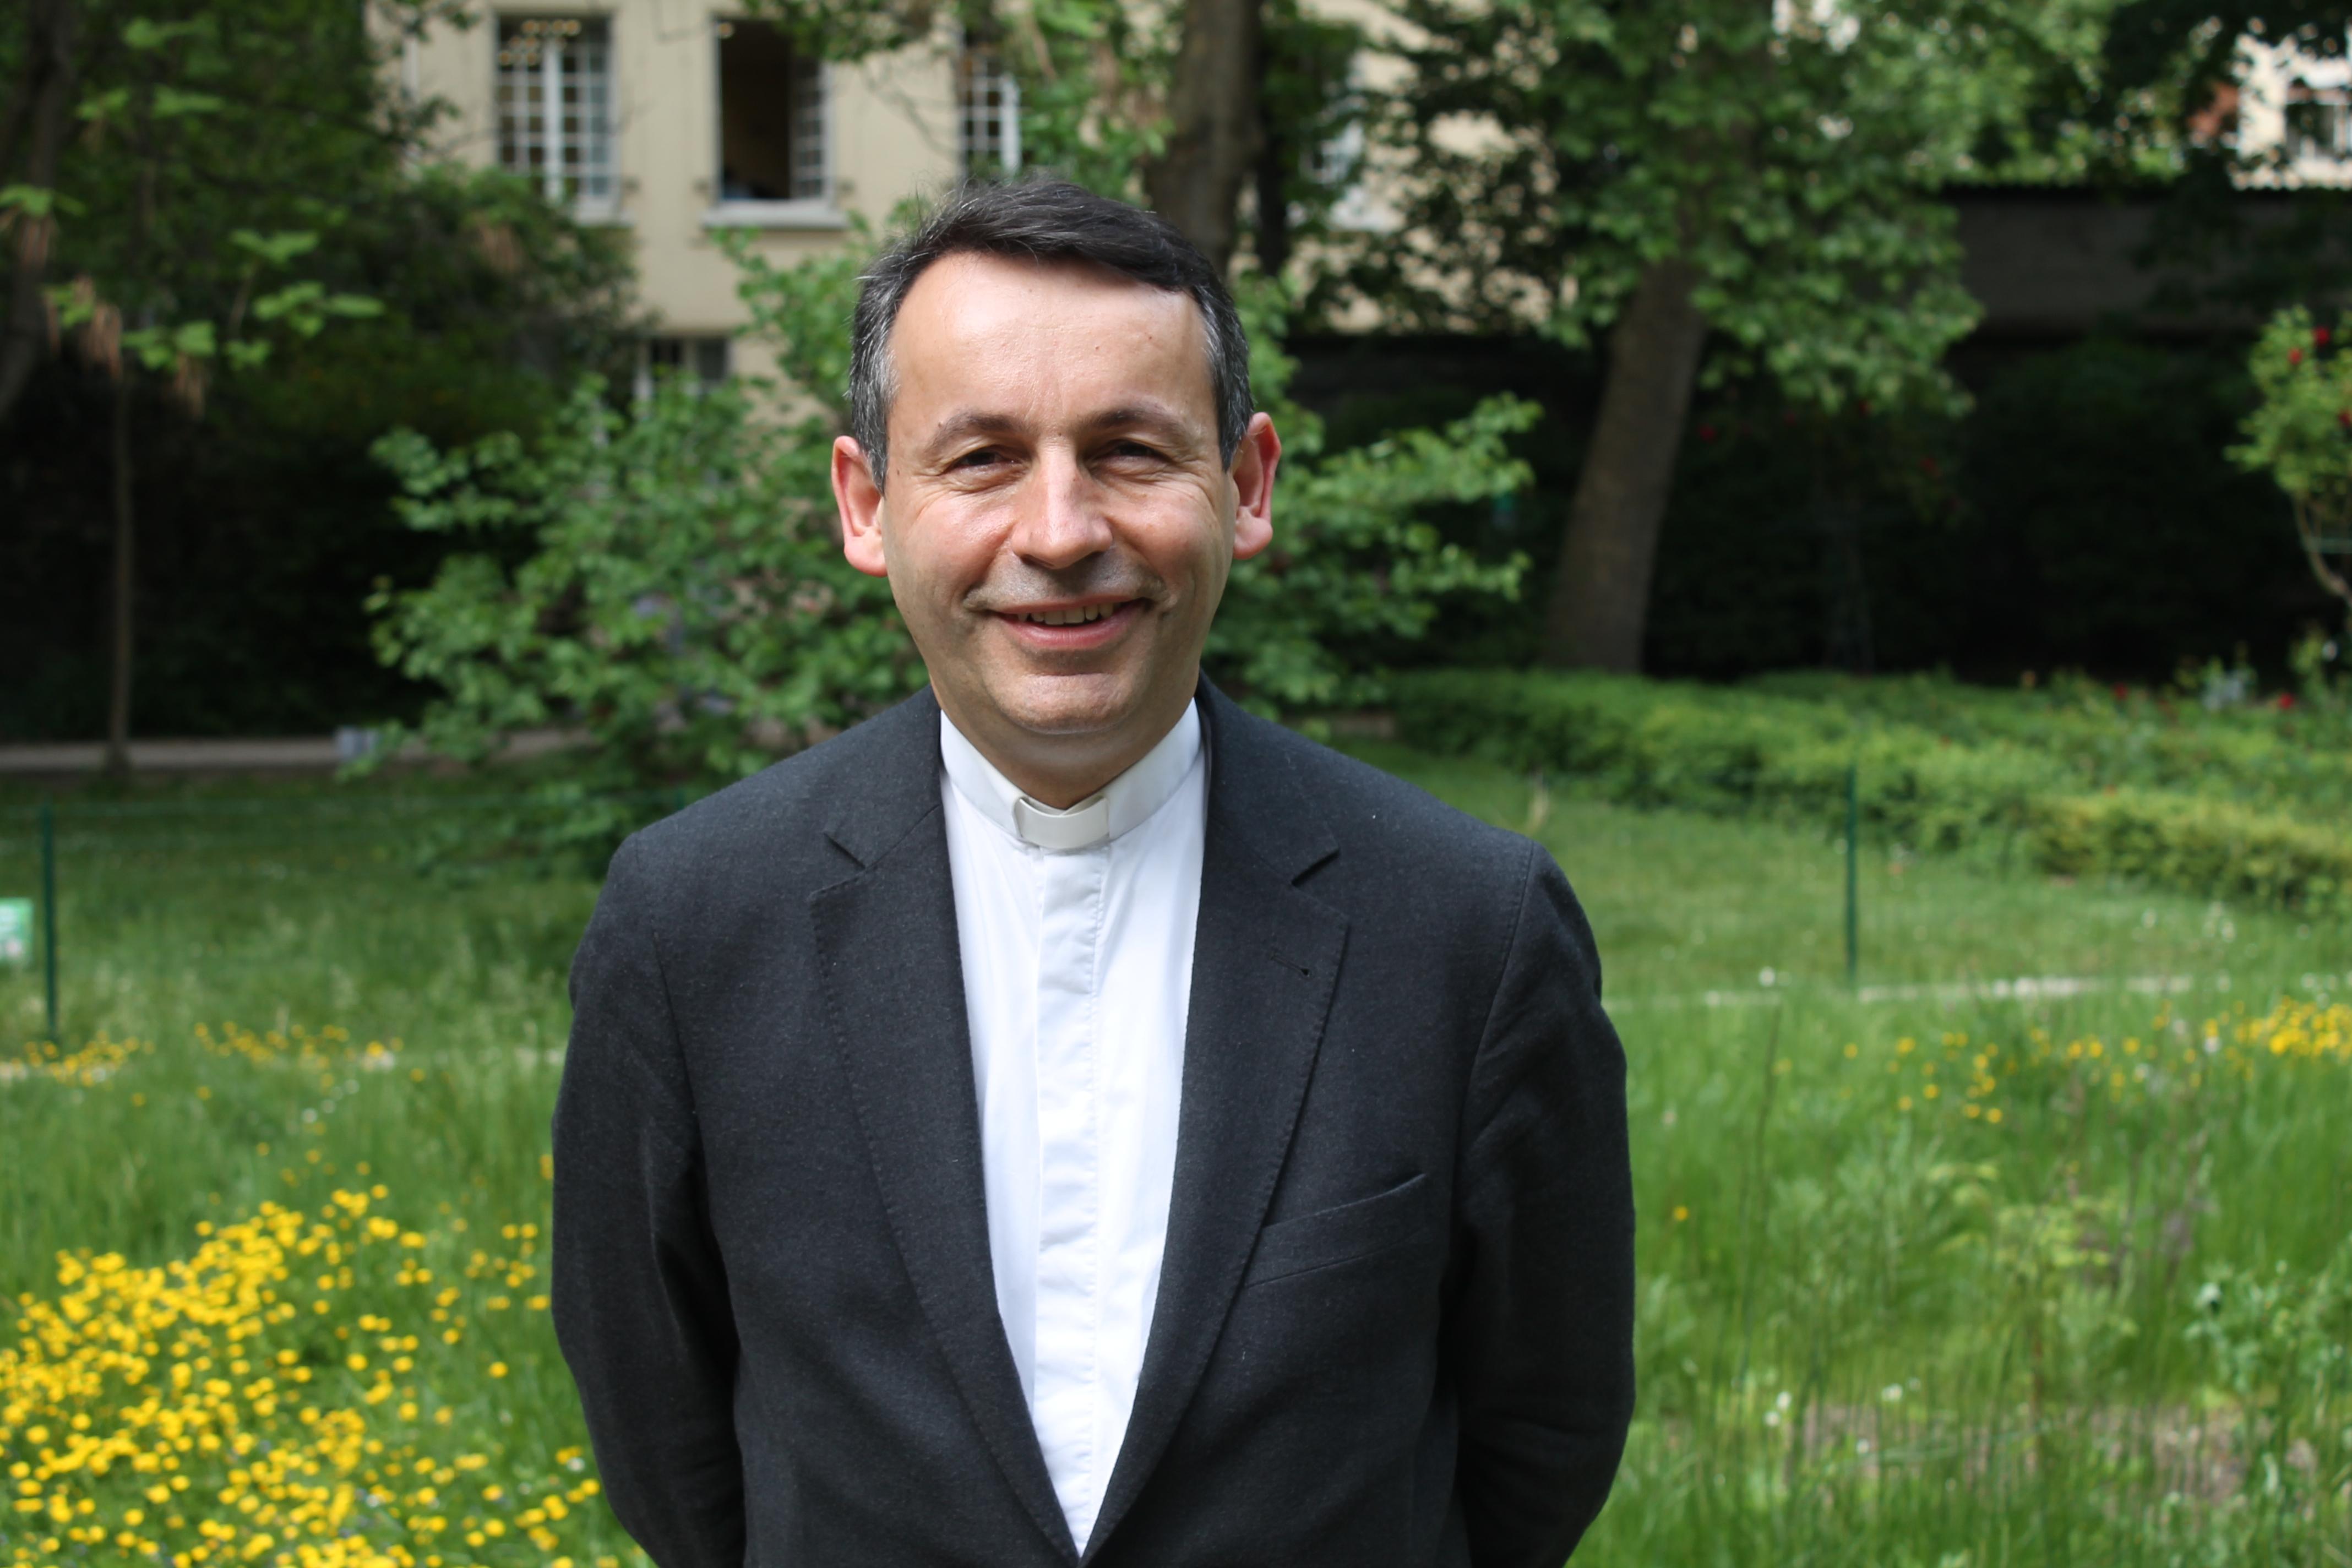 Luc Forestier oratoire oecuménique